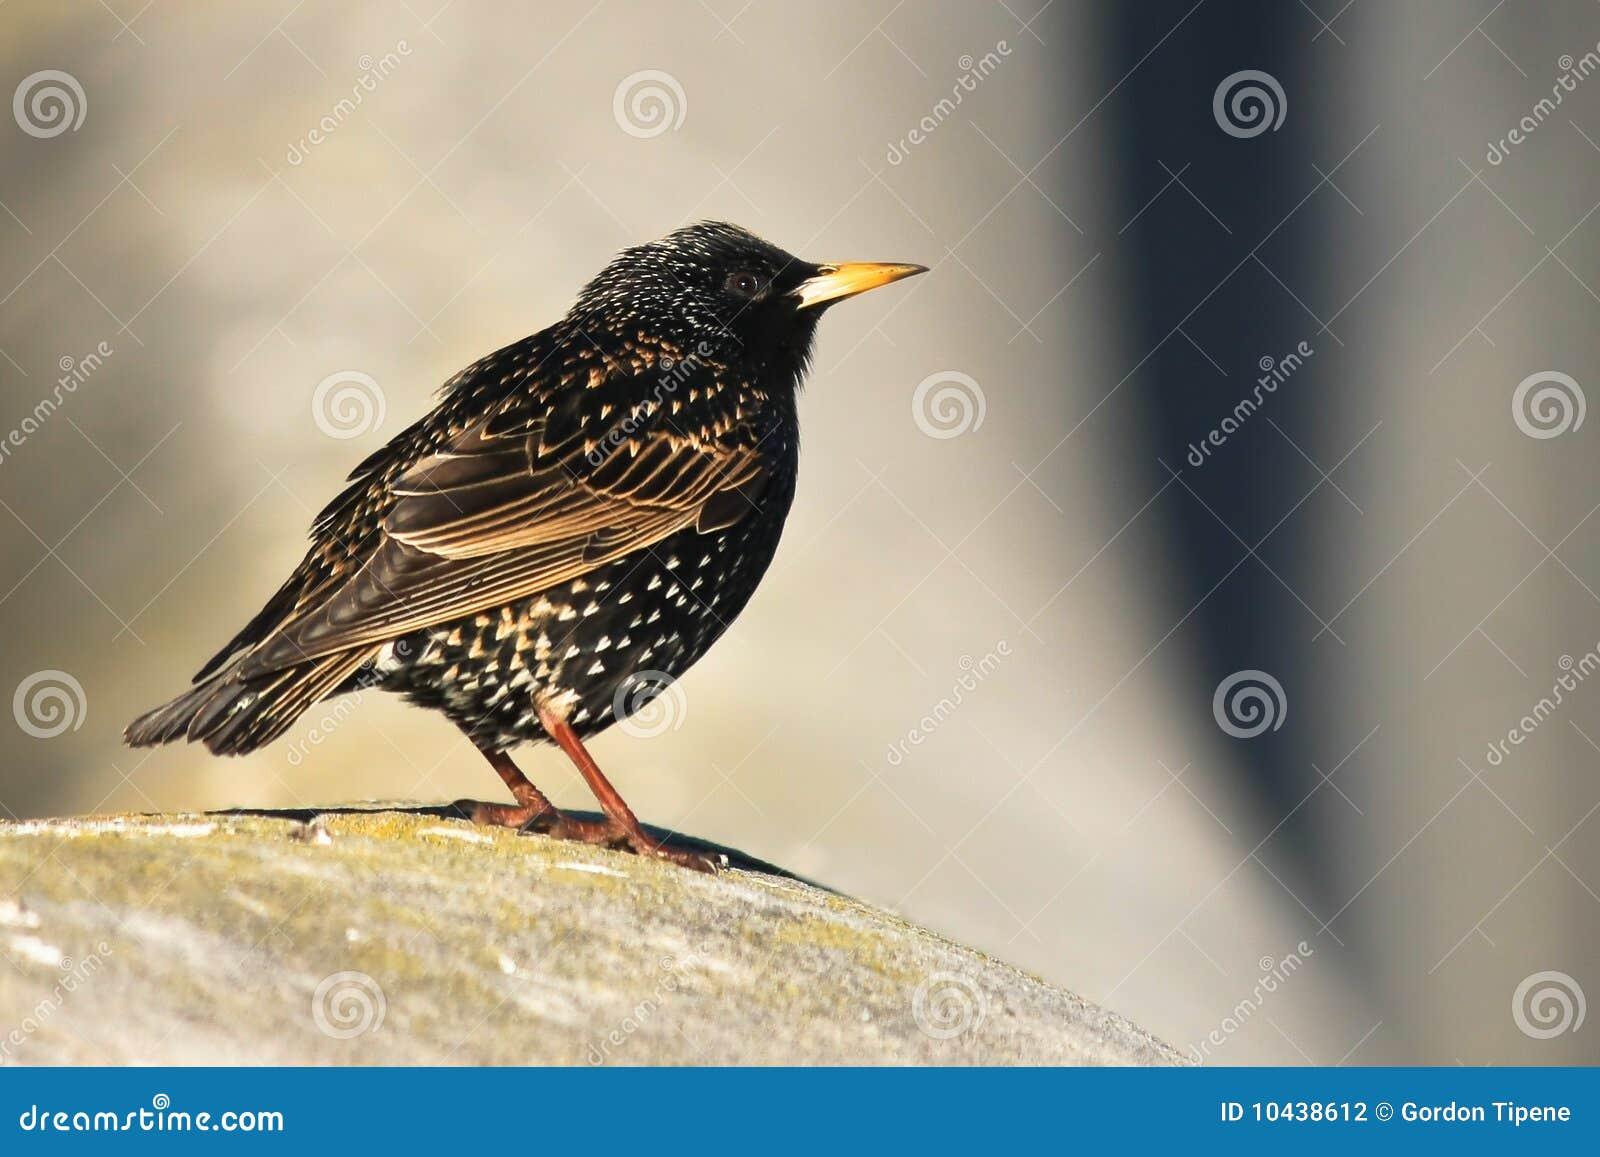 Petit oiseau commun de starling photo stock image 10438612 for Oiseau commun